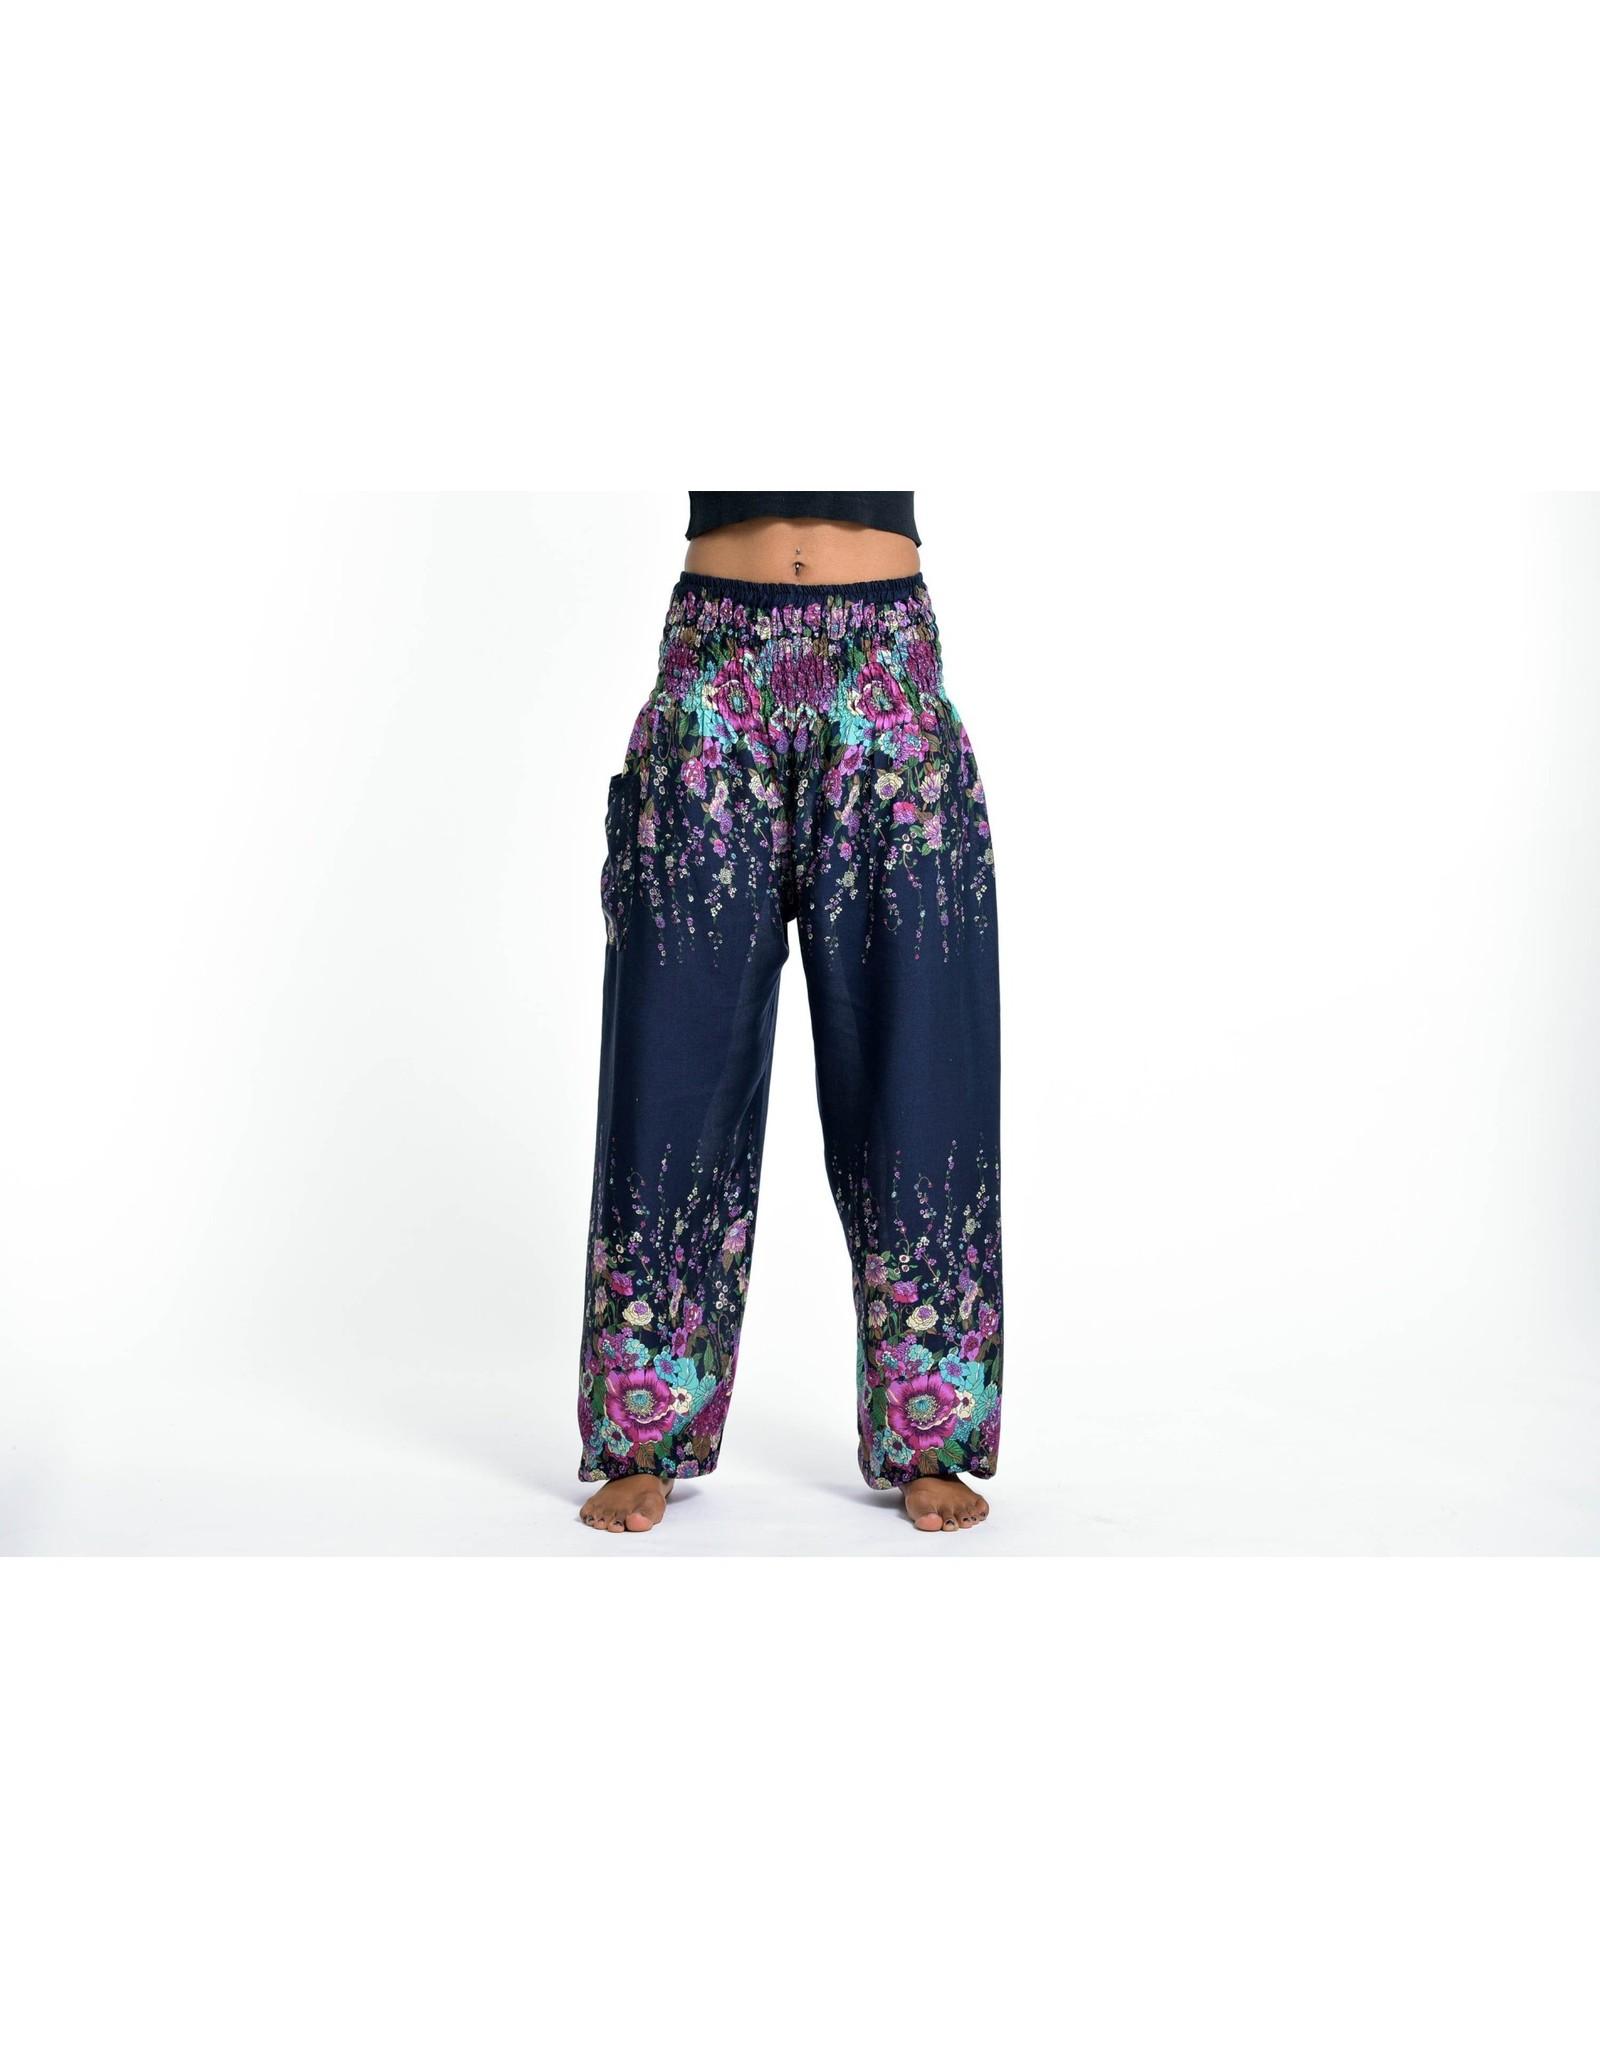 Elephant Pants, Floral Blue